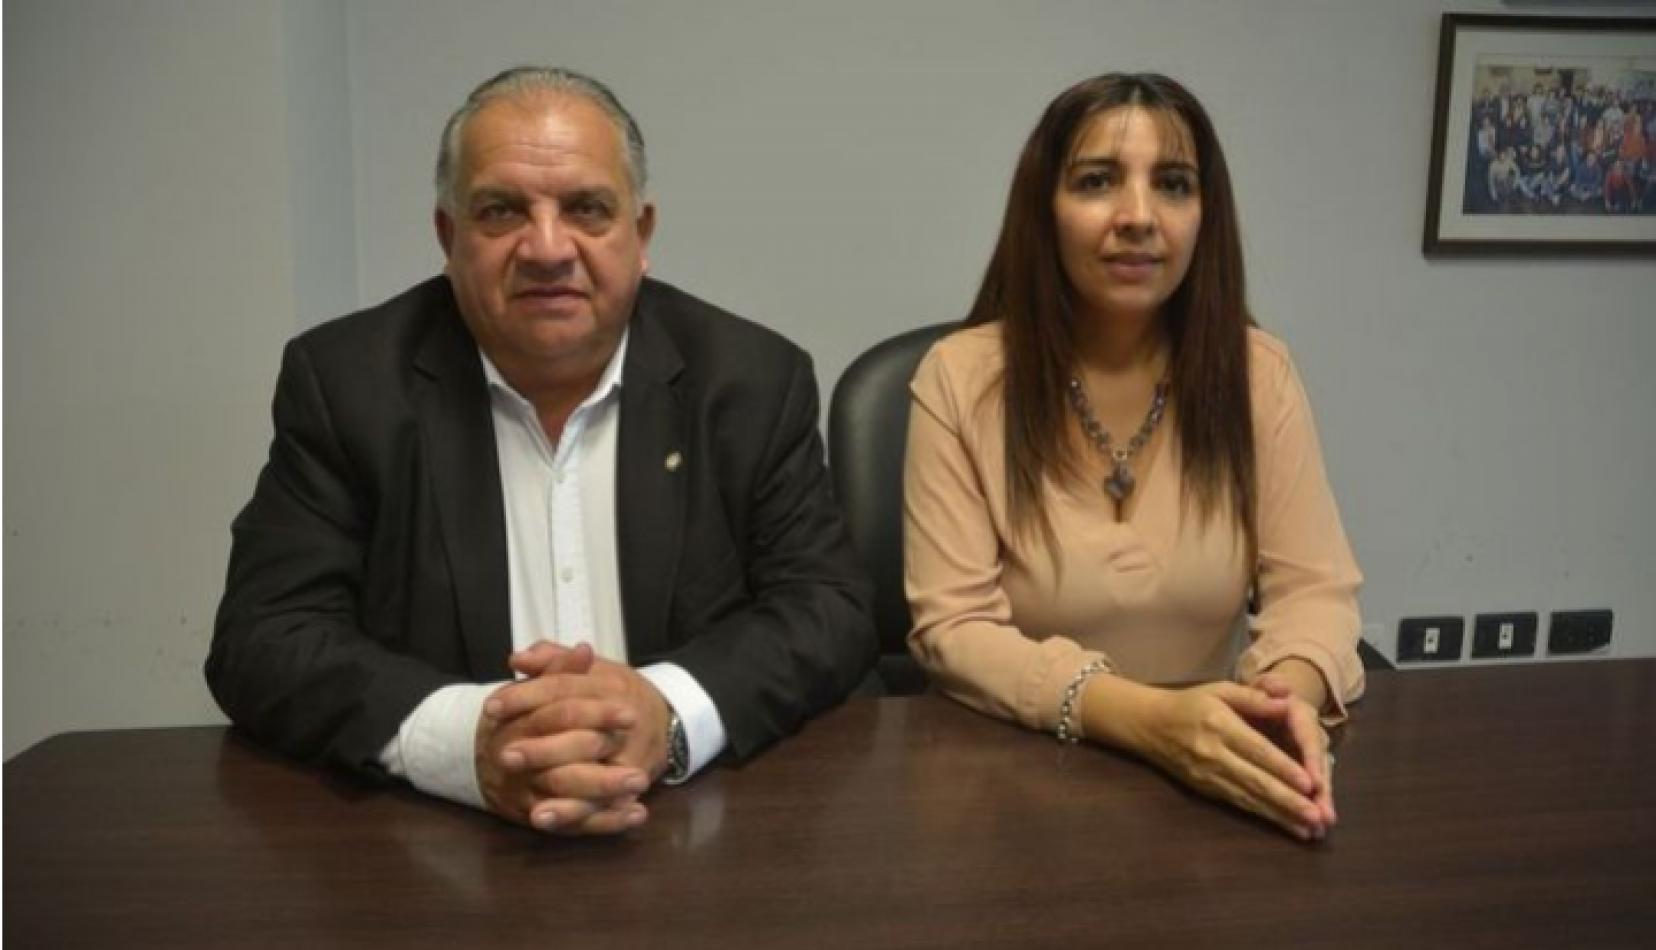 Foto: El Tribuno. El ministro Cabana Fusz junto a Agustina Mulqui, una de las denunciadas